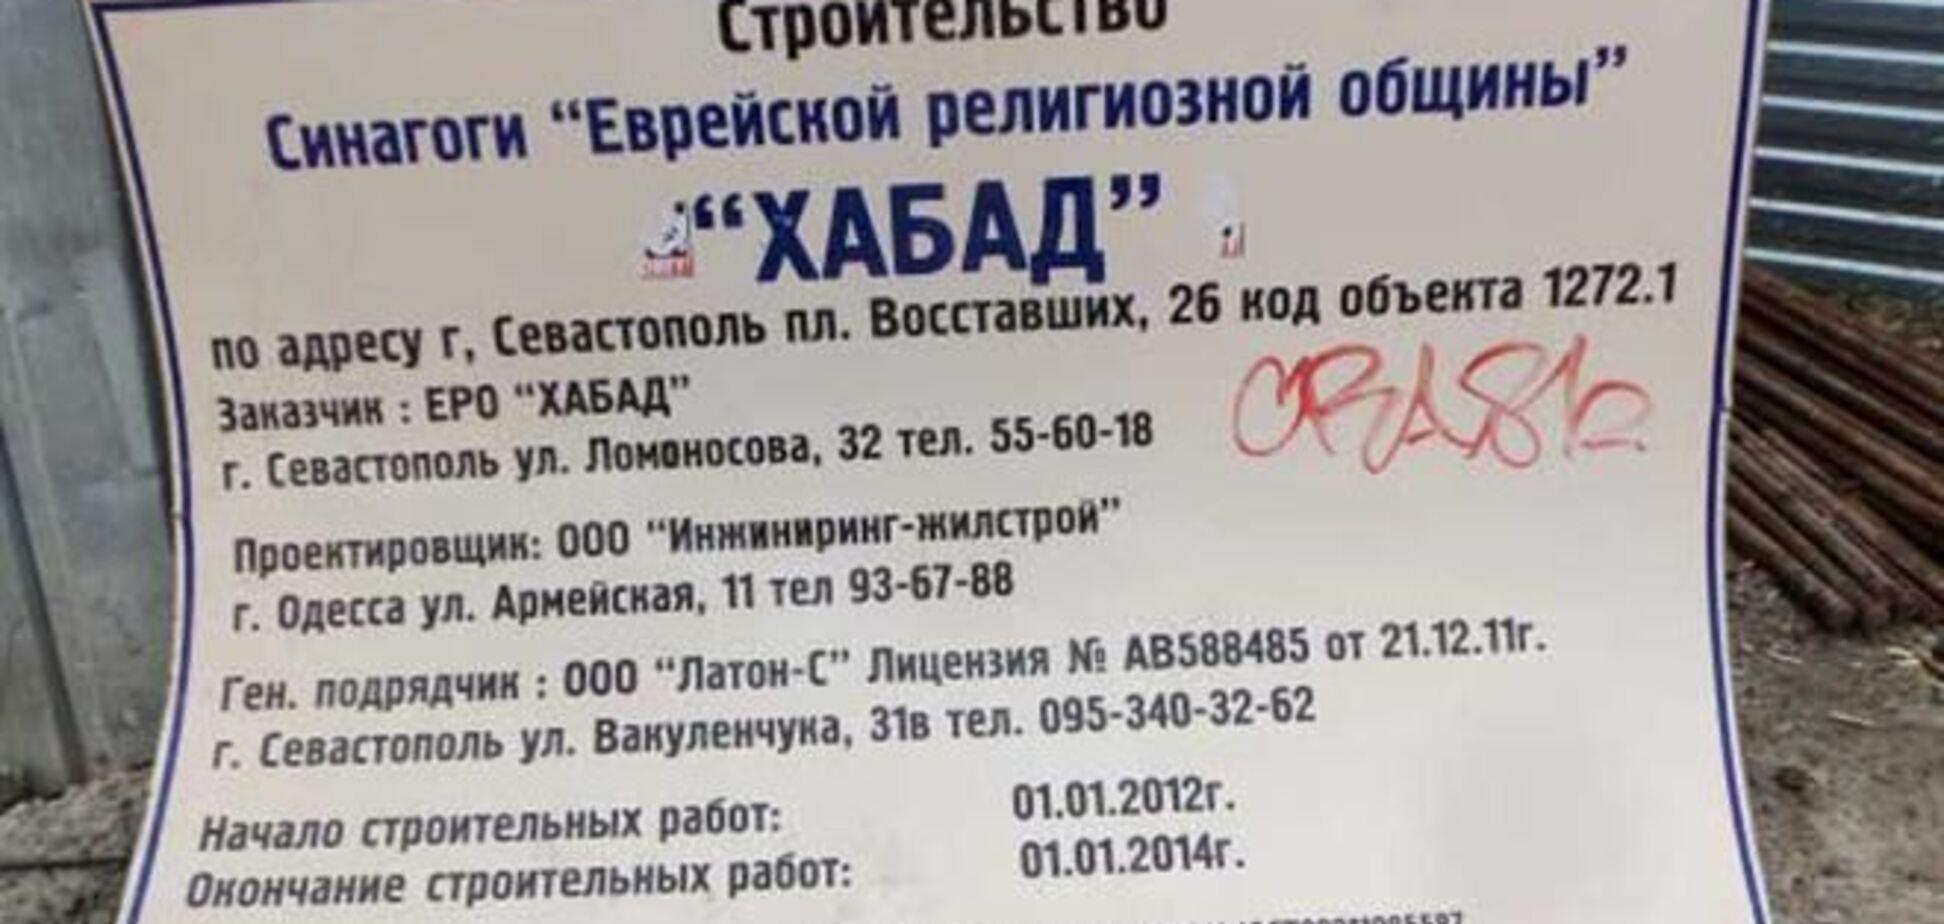 Строящуюся синагогу забросали свиными головами в Севастополе